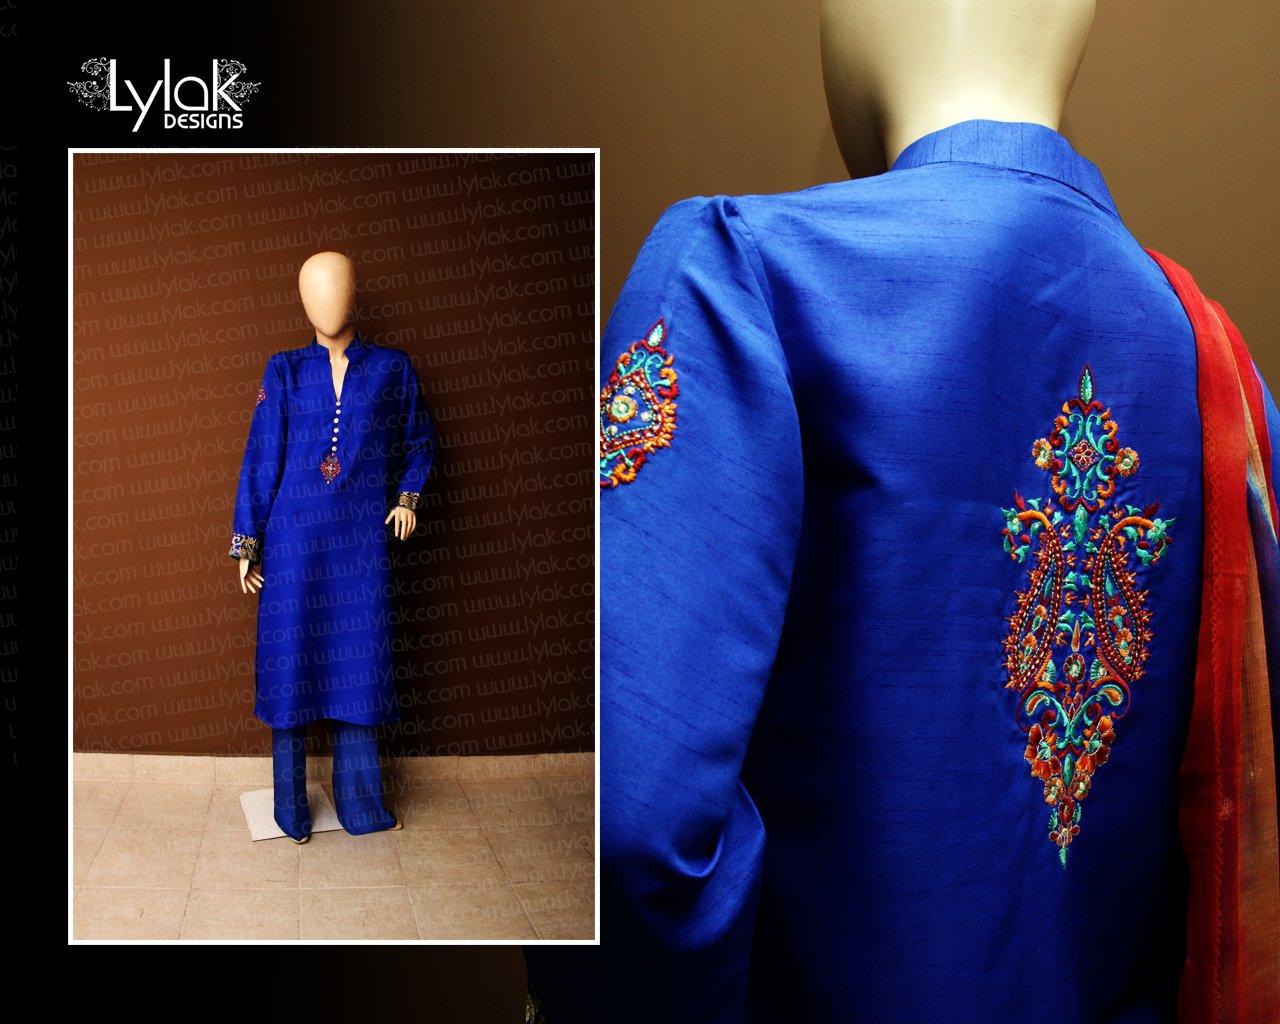 Royal Blue Dress by Lylak Designs 001